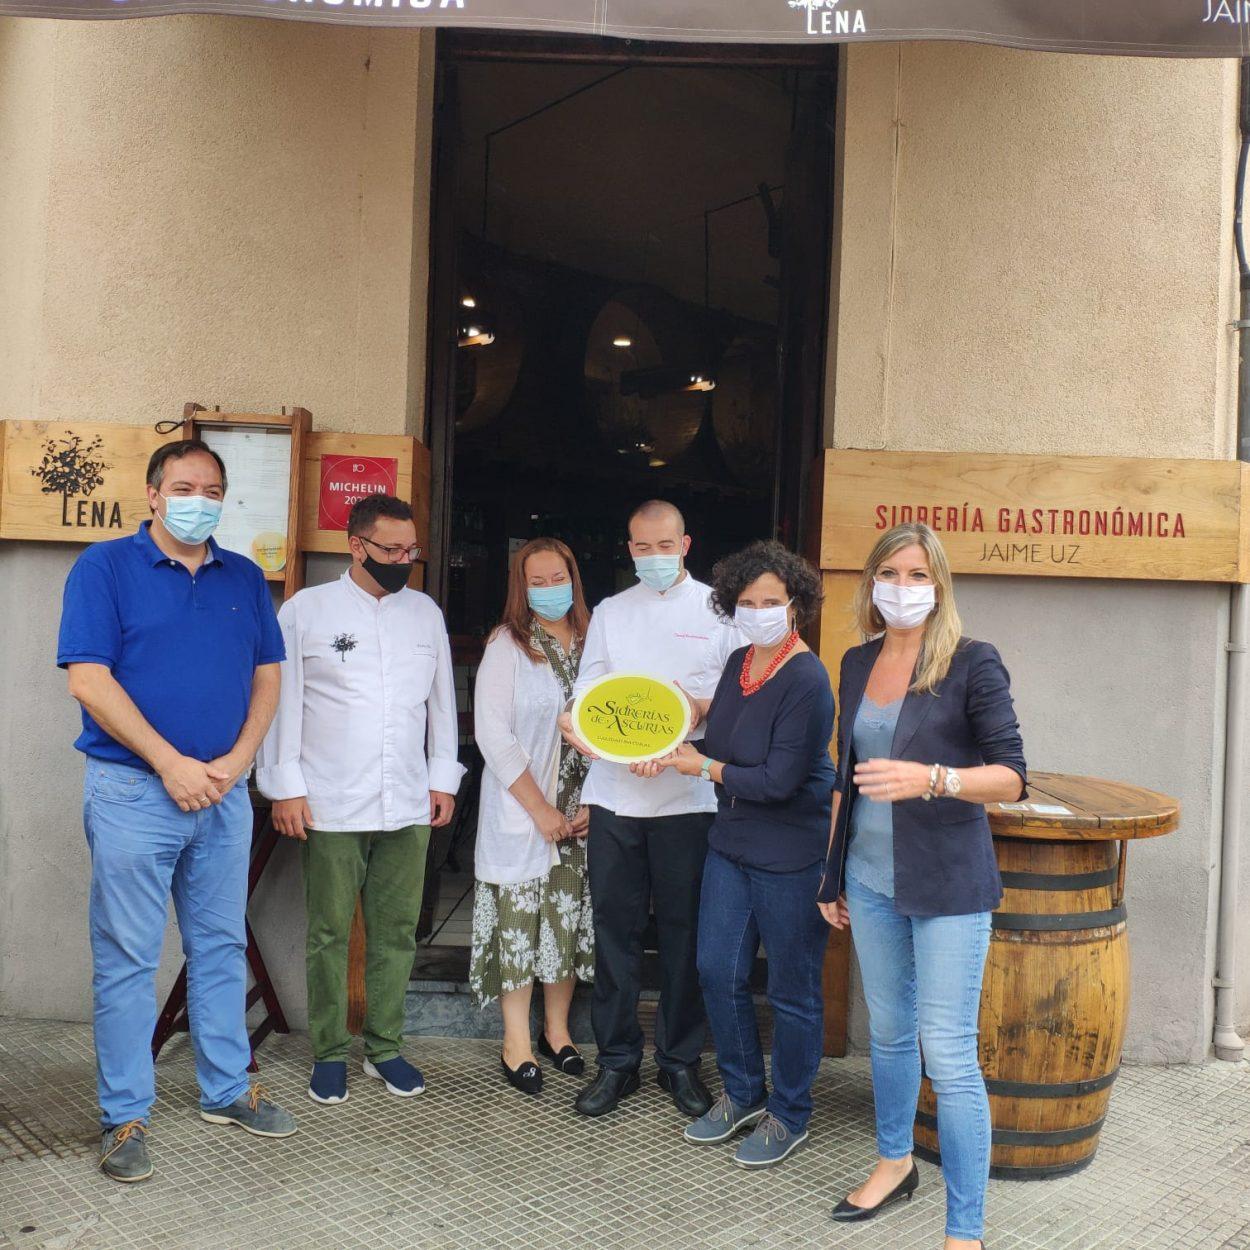 Las marcas de calidad turística Mesas y Sidrerías de Asturias incorporan nuevos miembros del oriente